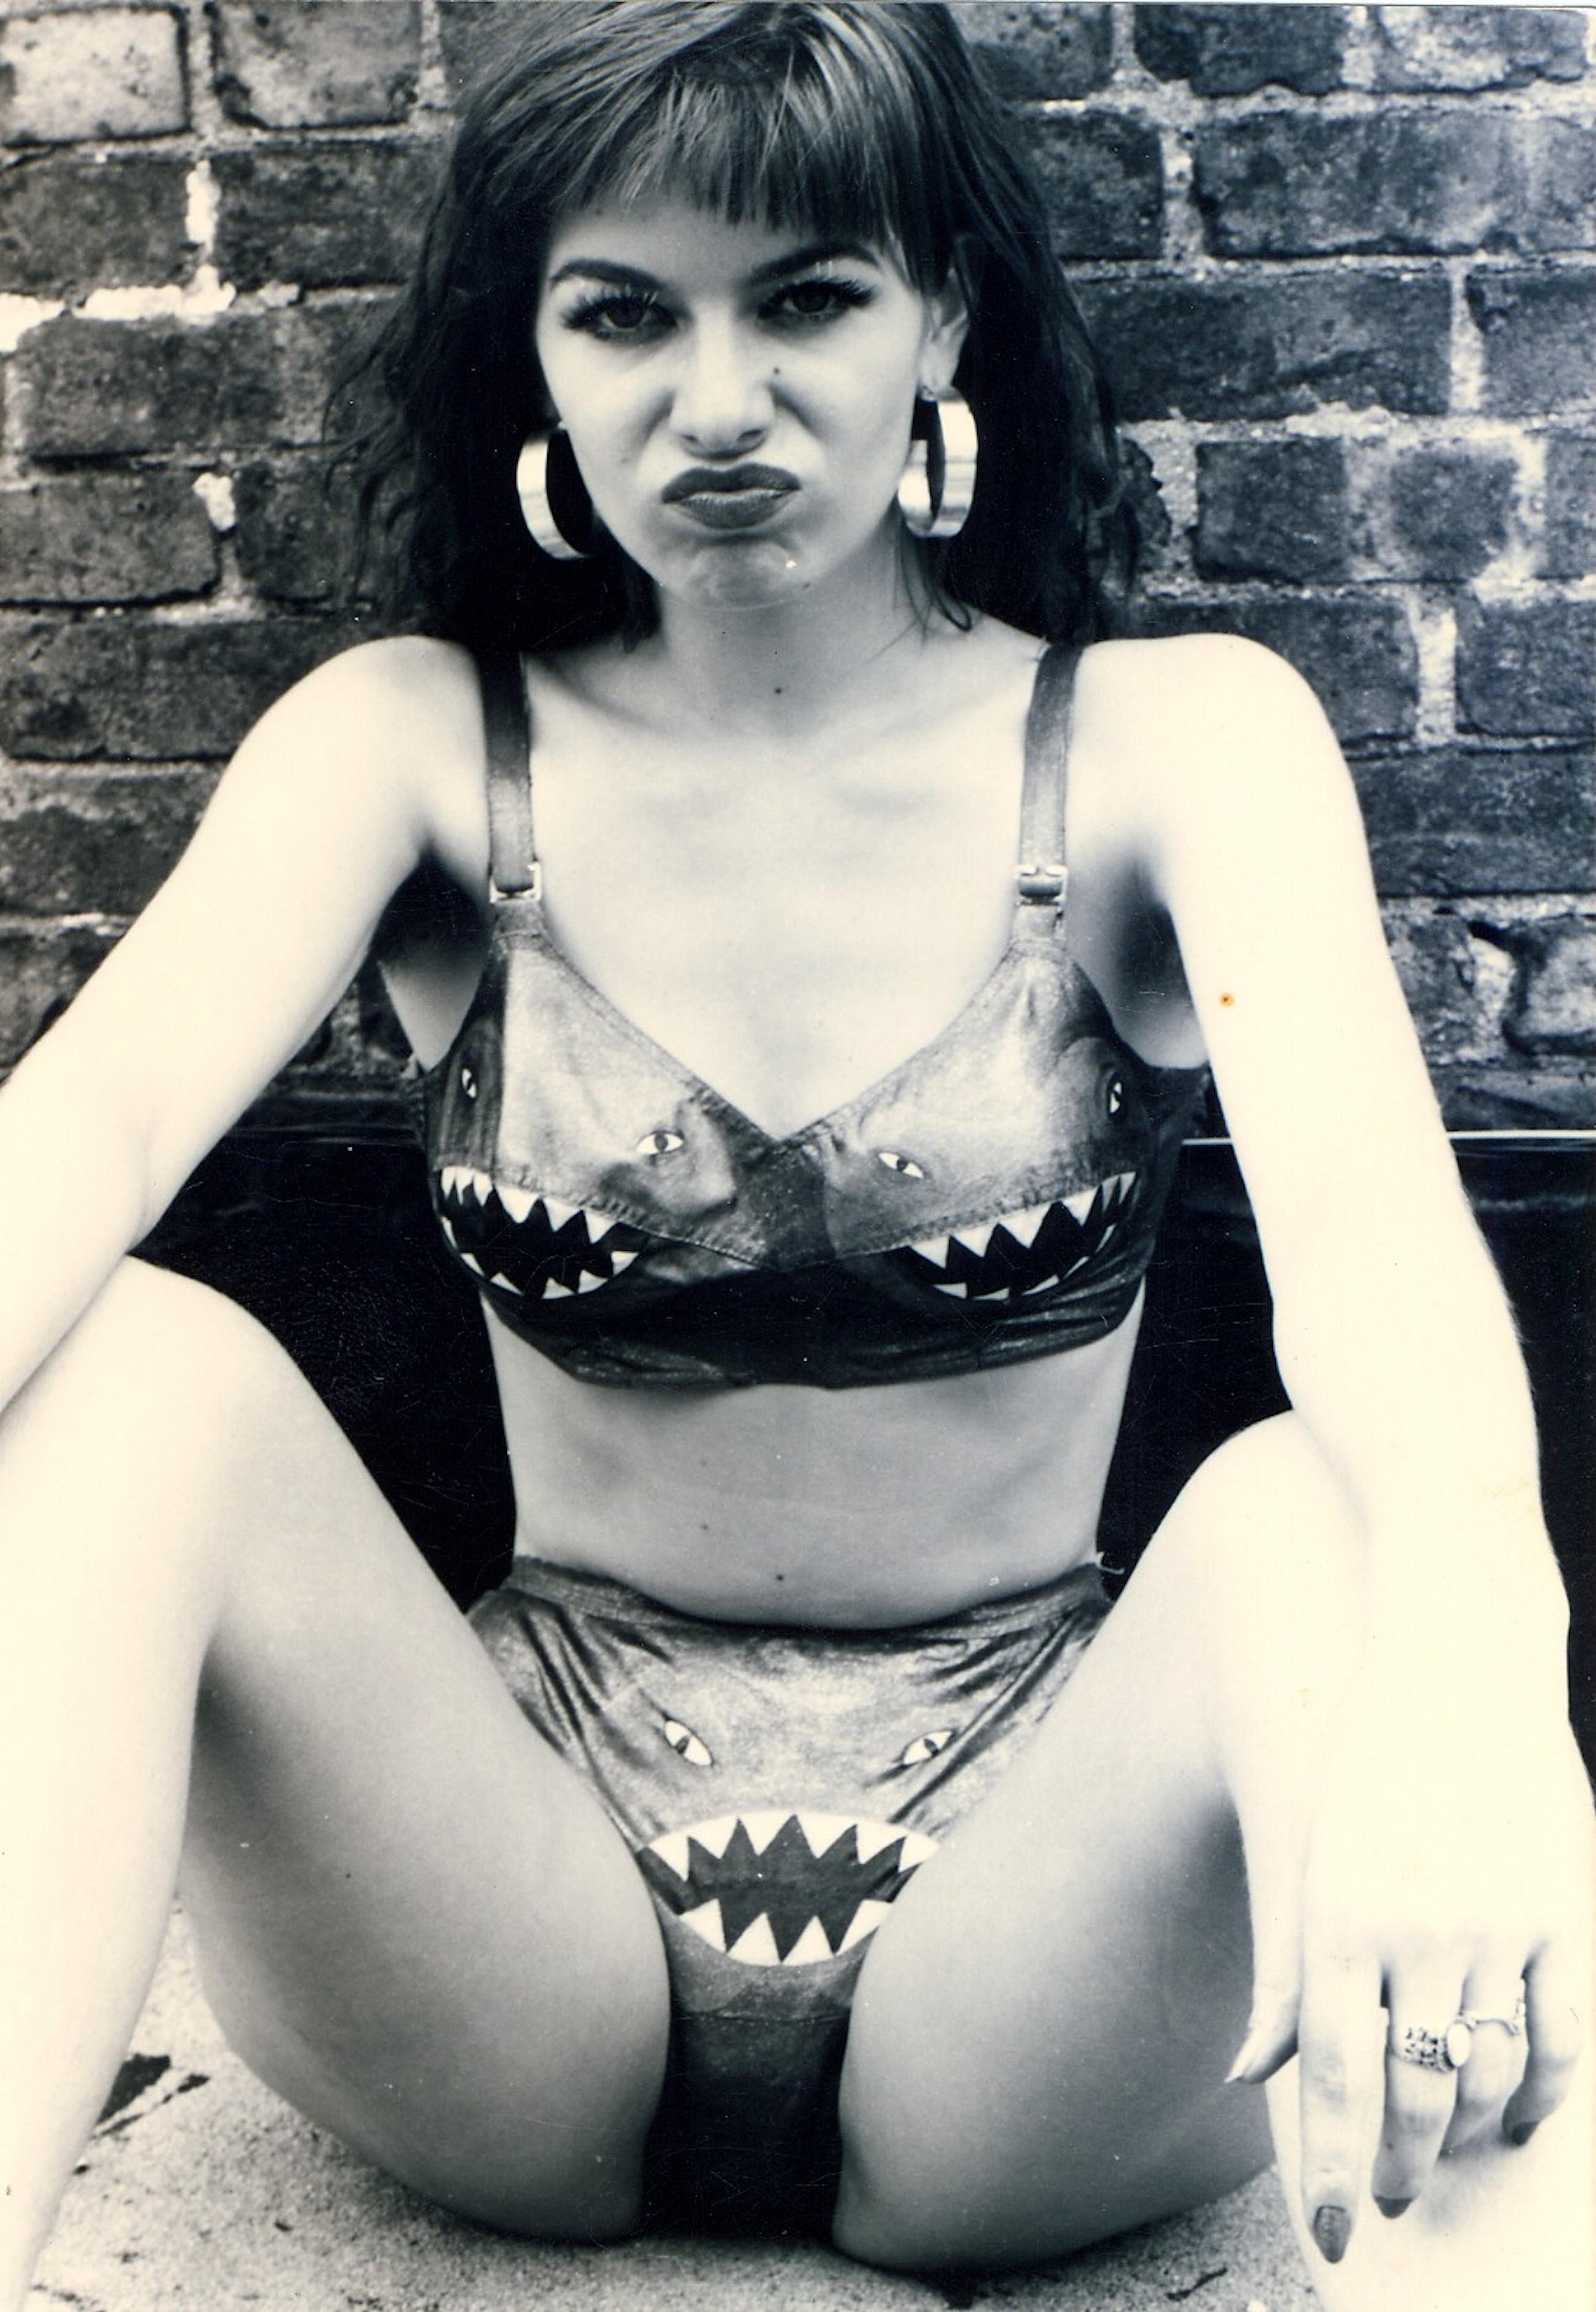 Panties Polly Walker nudes (89 images) Paparazzi, 2018, panties